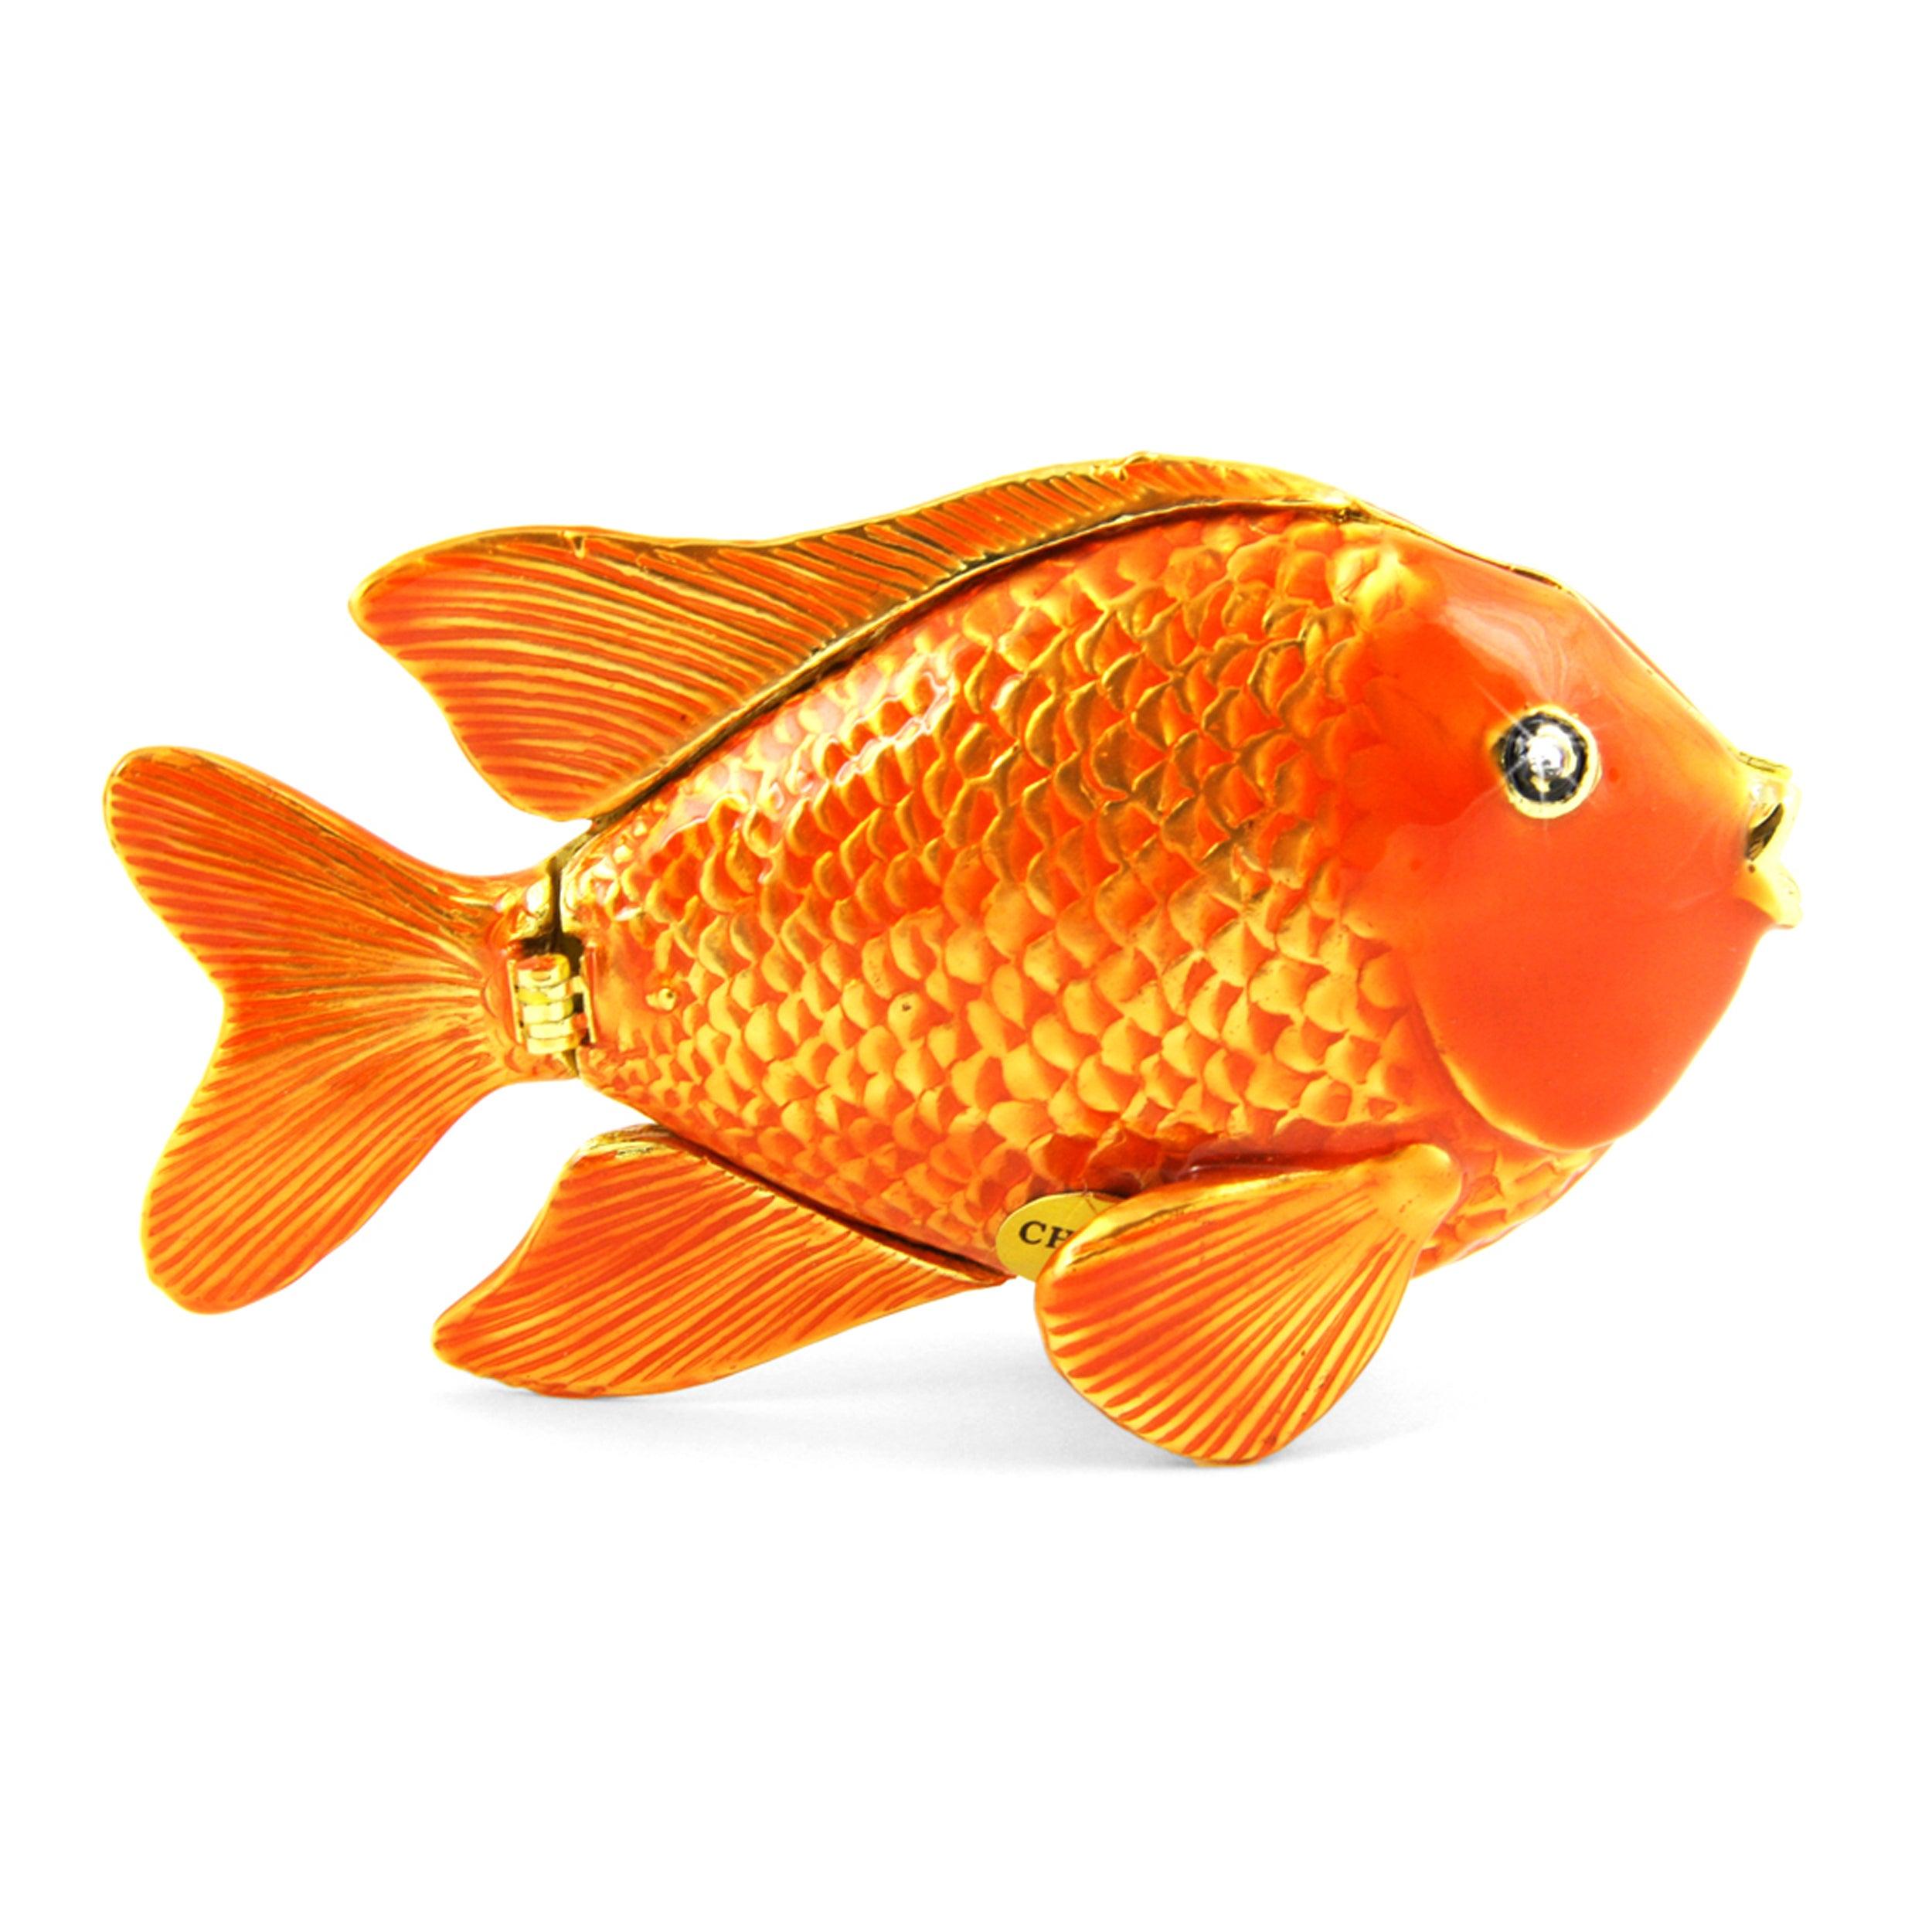 Objet d'art 'Garibaldi' Fish Trinket Box